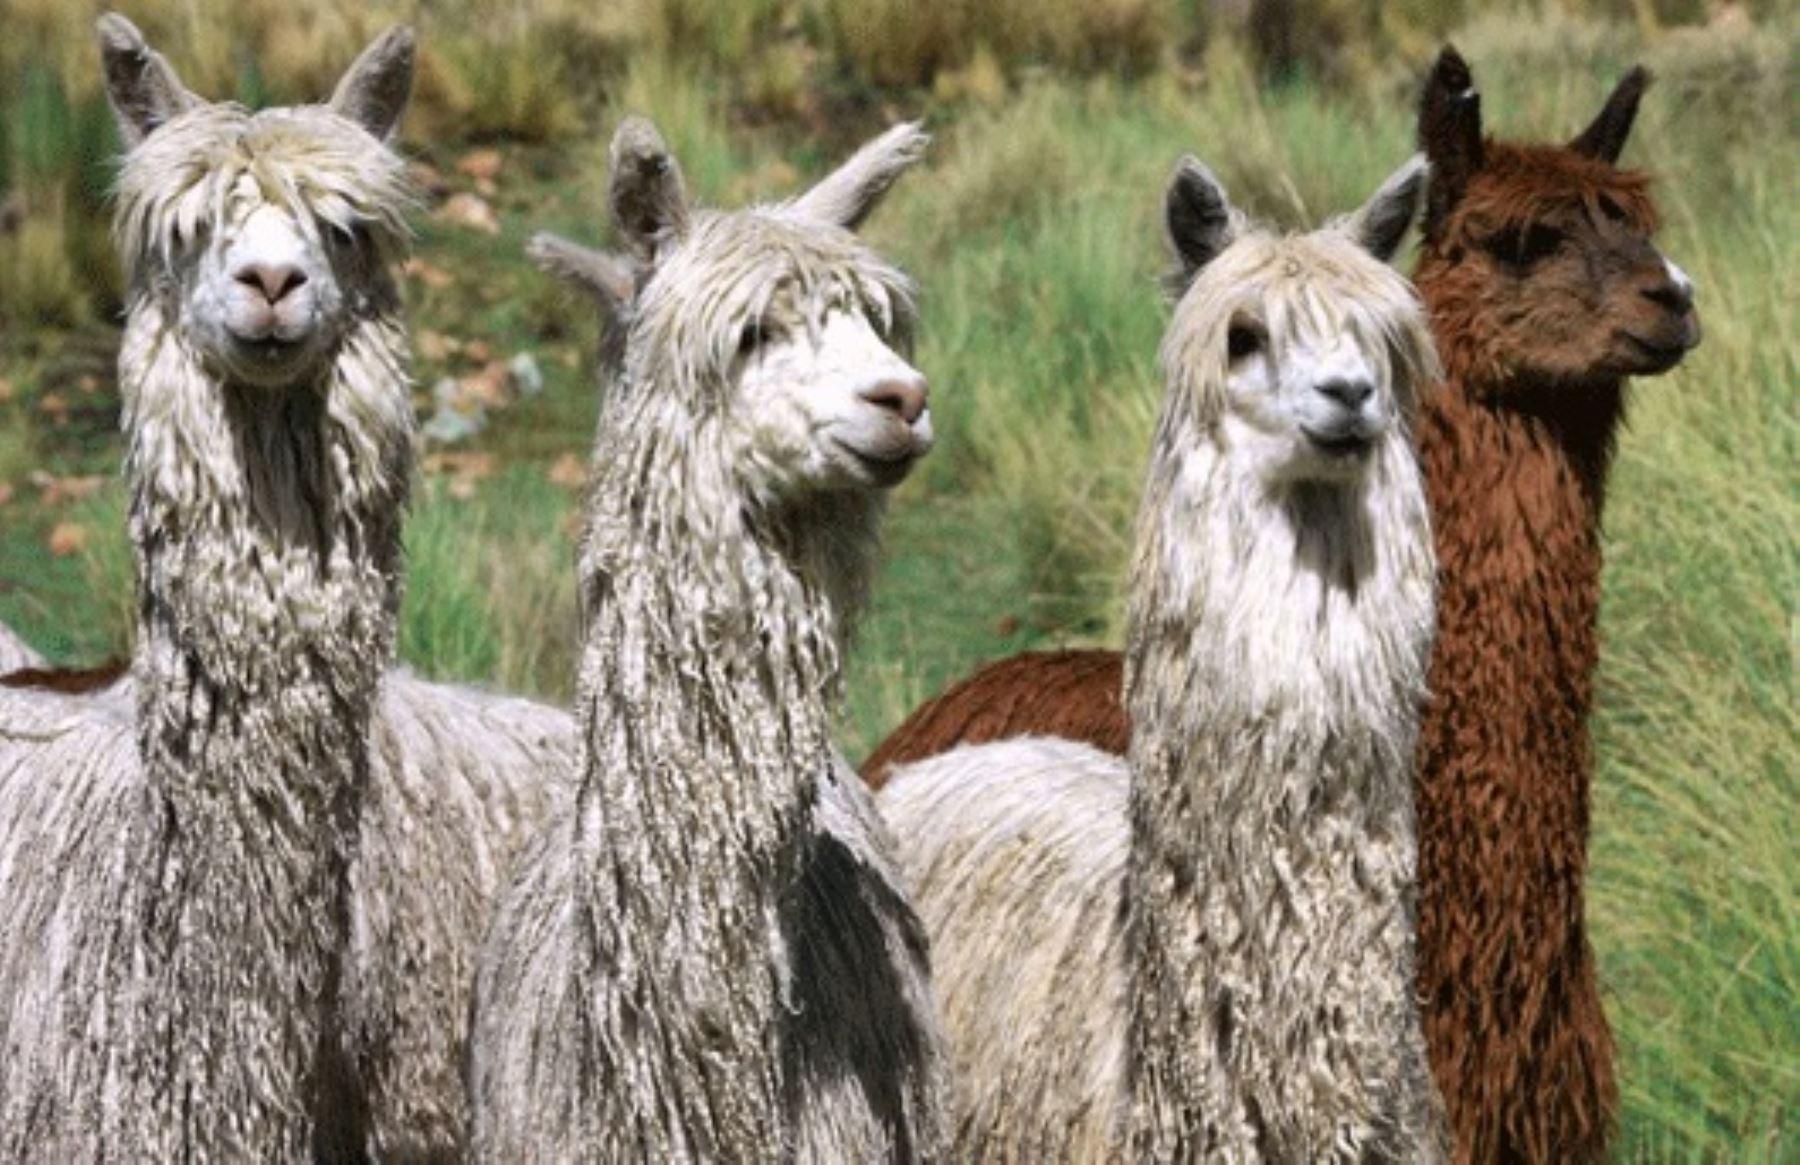 Las regiones de Puno y Cusco tienen la mayor población de alpacas en el Perú, con un millón 459,903 y 545,454 ejemplares, respectivamente, según el Censo Nacional Agropecuario (Cenagro). La crianza de este camélido altoandino es fundamental para la economía y la seguridad alimentaria de las poblaciones dedicadas a esta actividad. ANDINA/Difusión